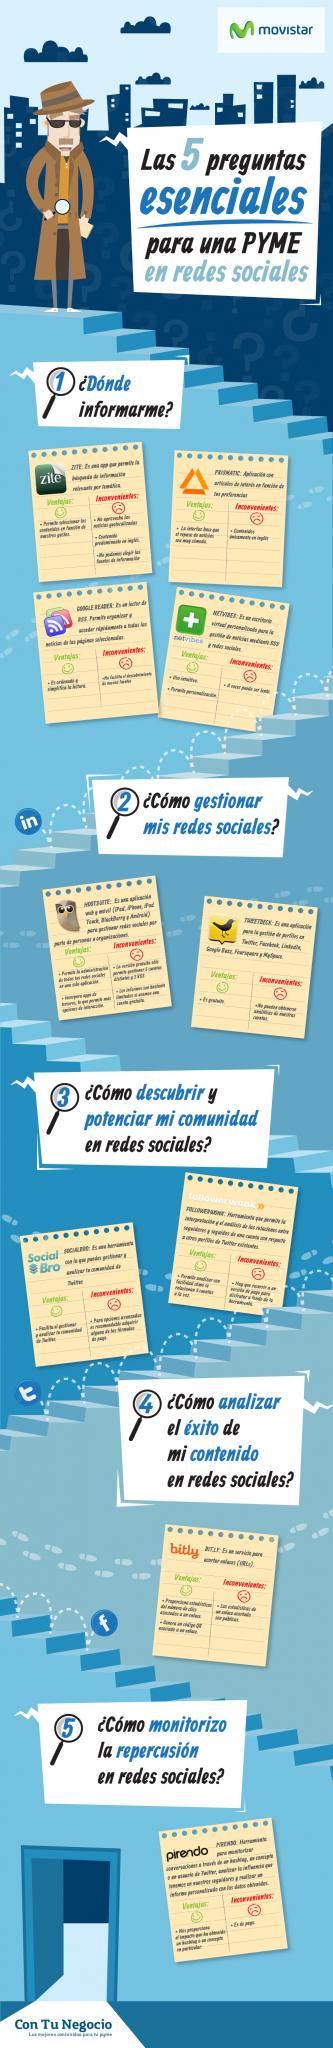 5 preguntas básicas para estar en redes sociales Infografía